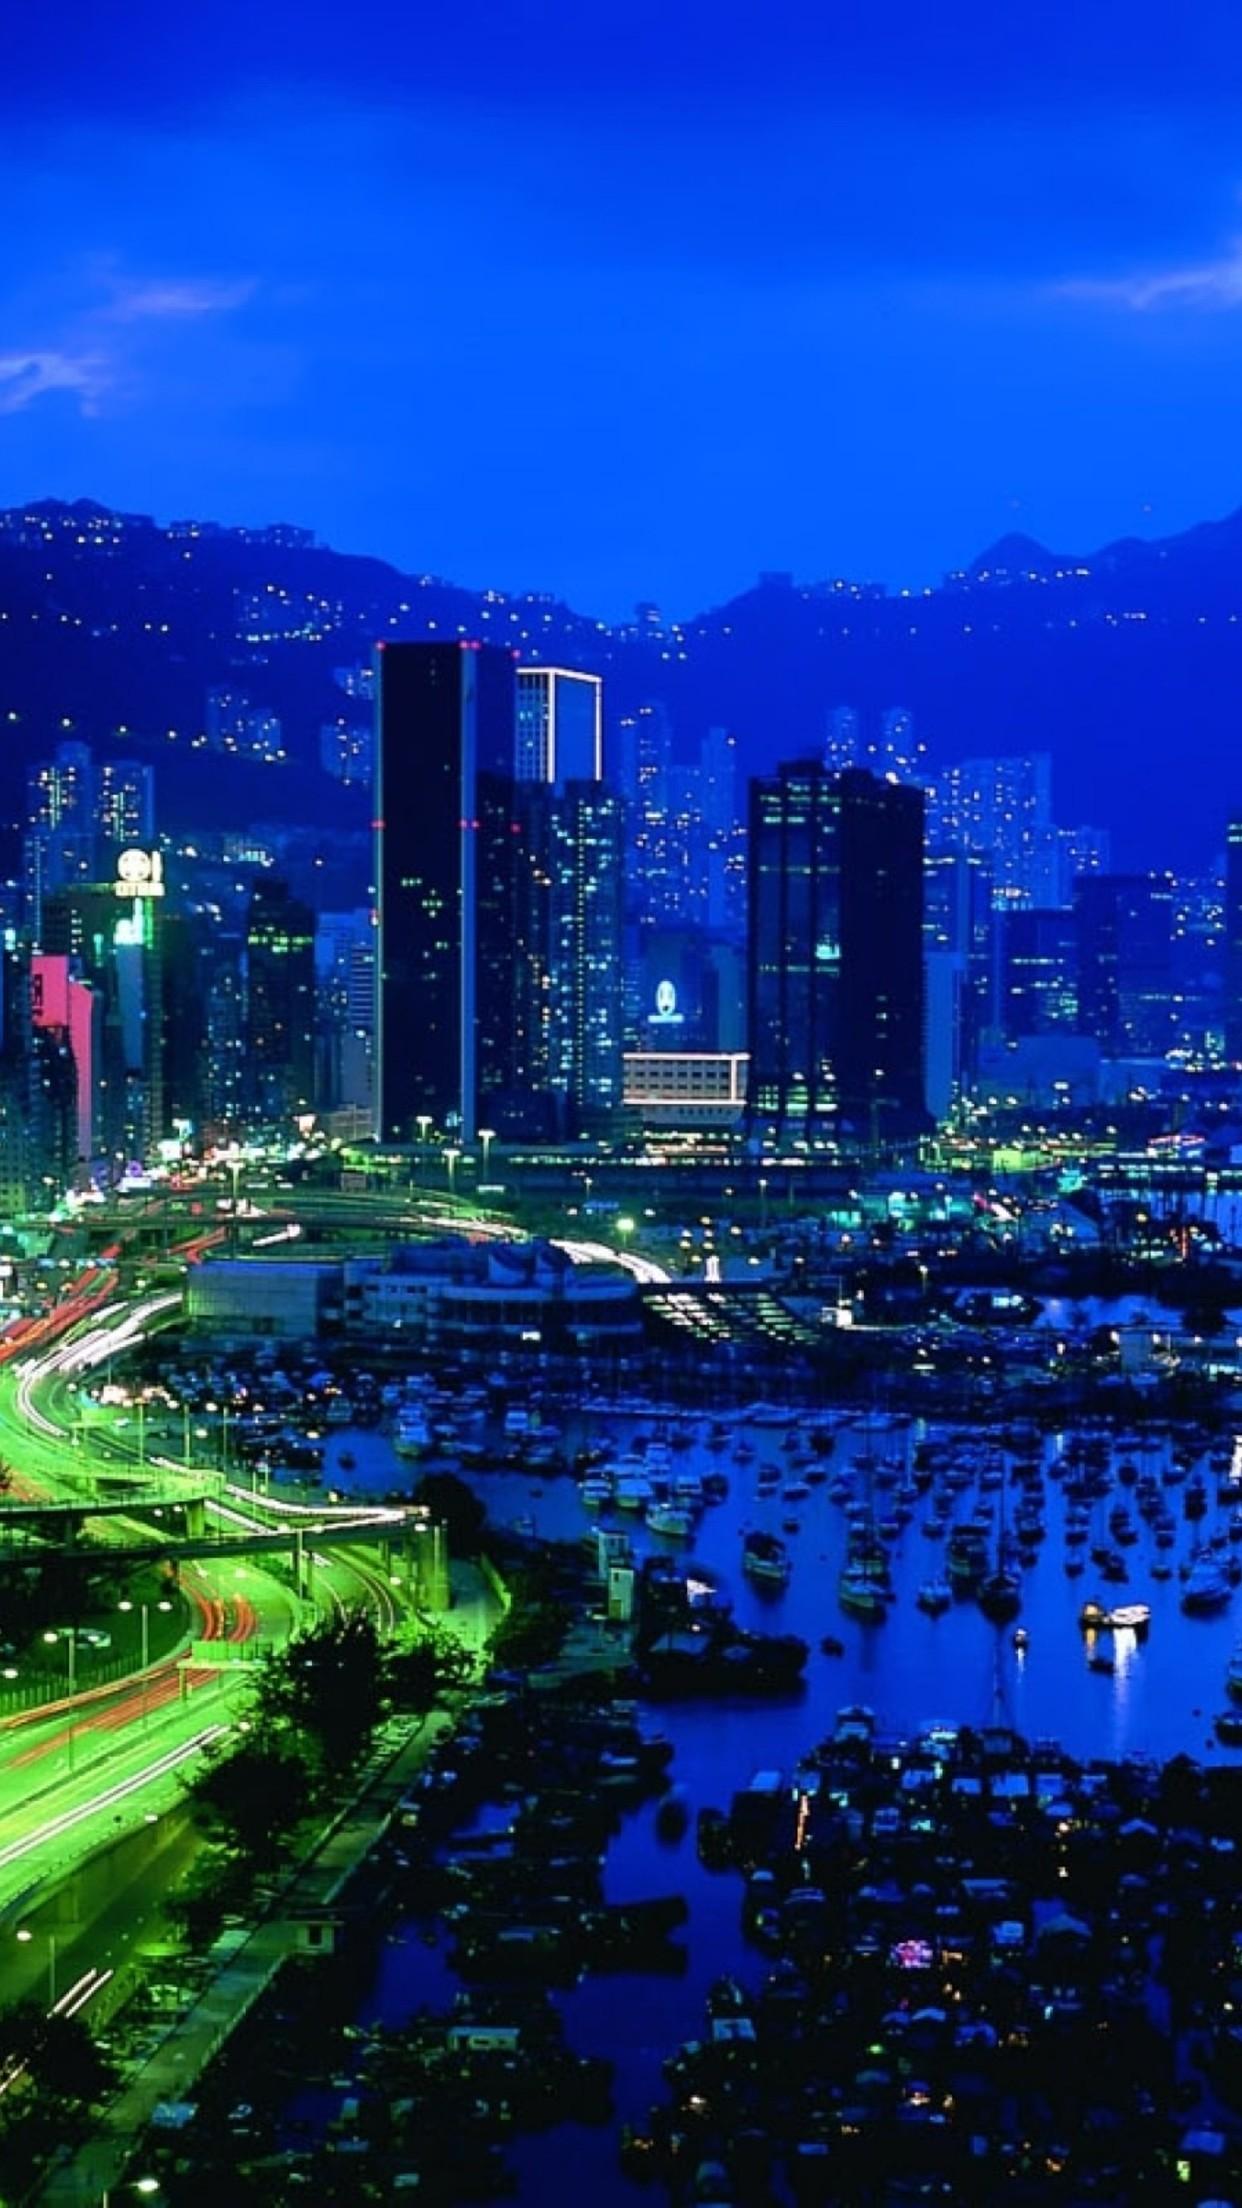 landscape city 3Wallpapers iPhone Parallax Landscape City